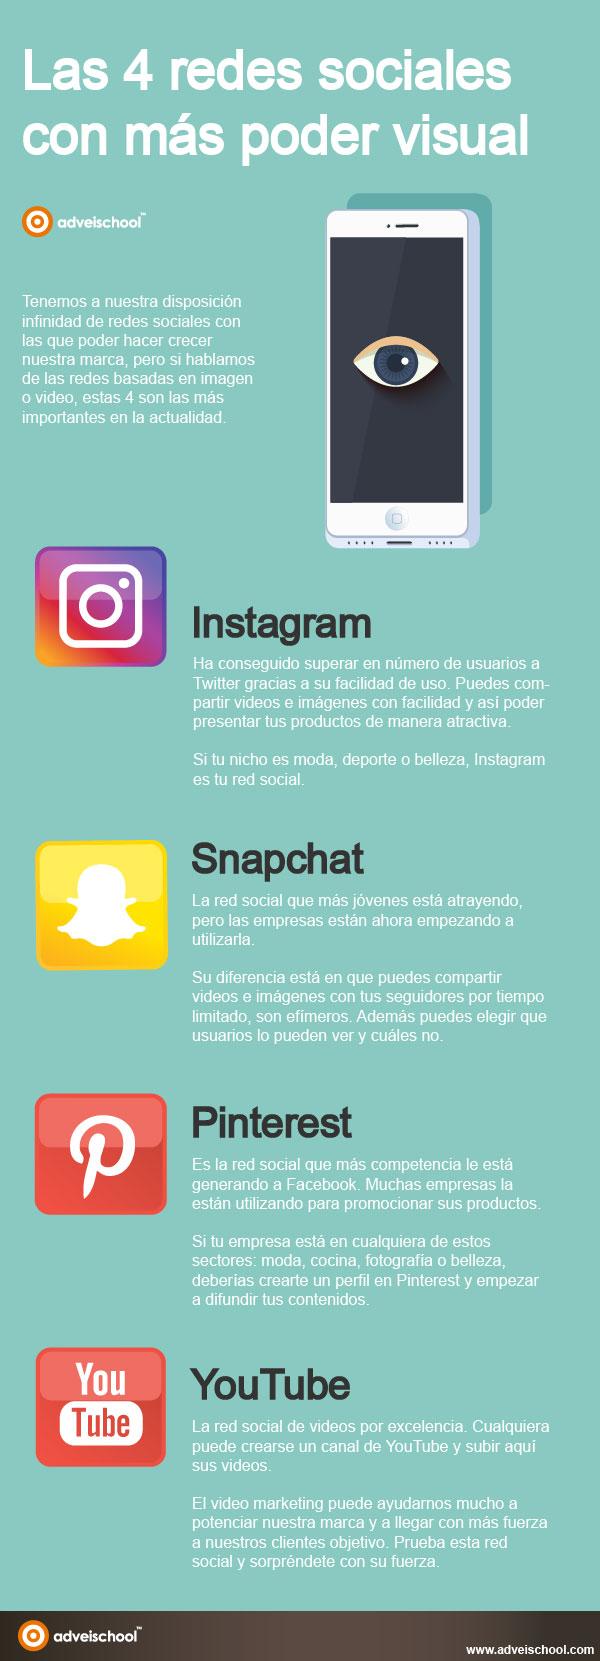 4 Redes Sociales con más poder visual